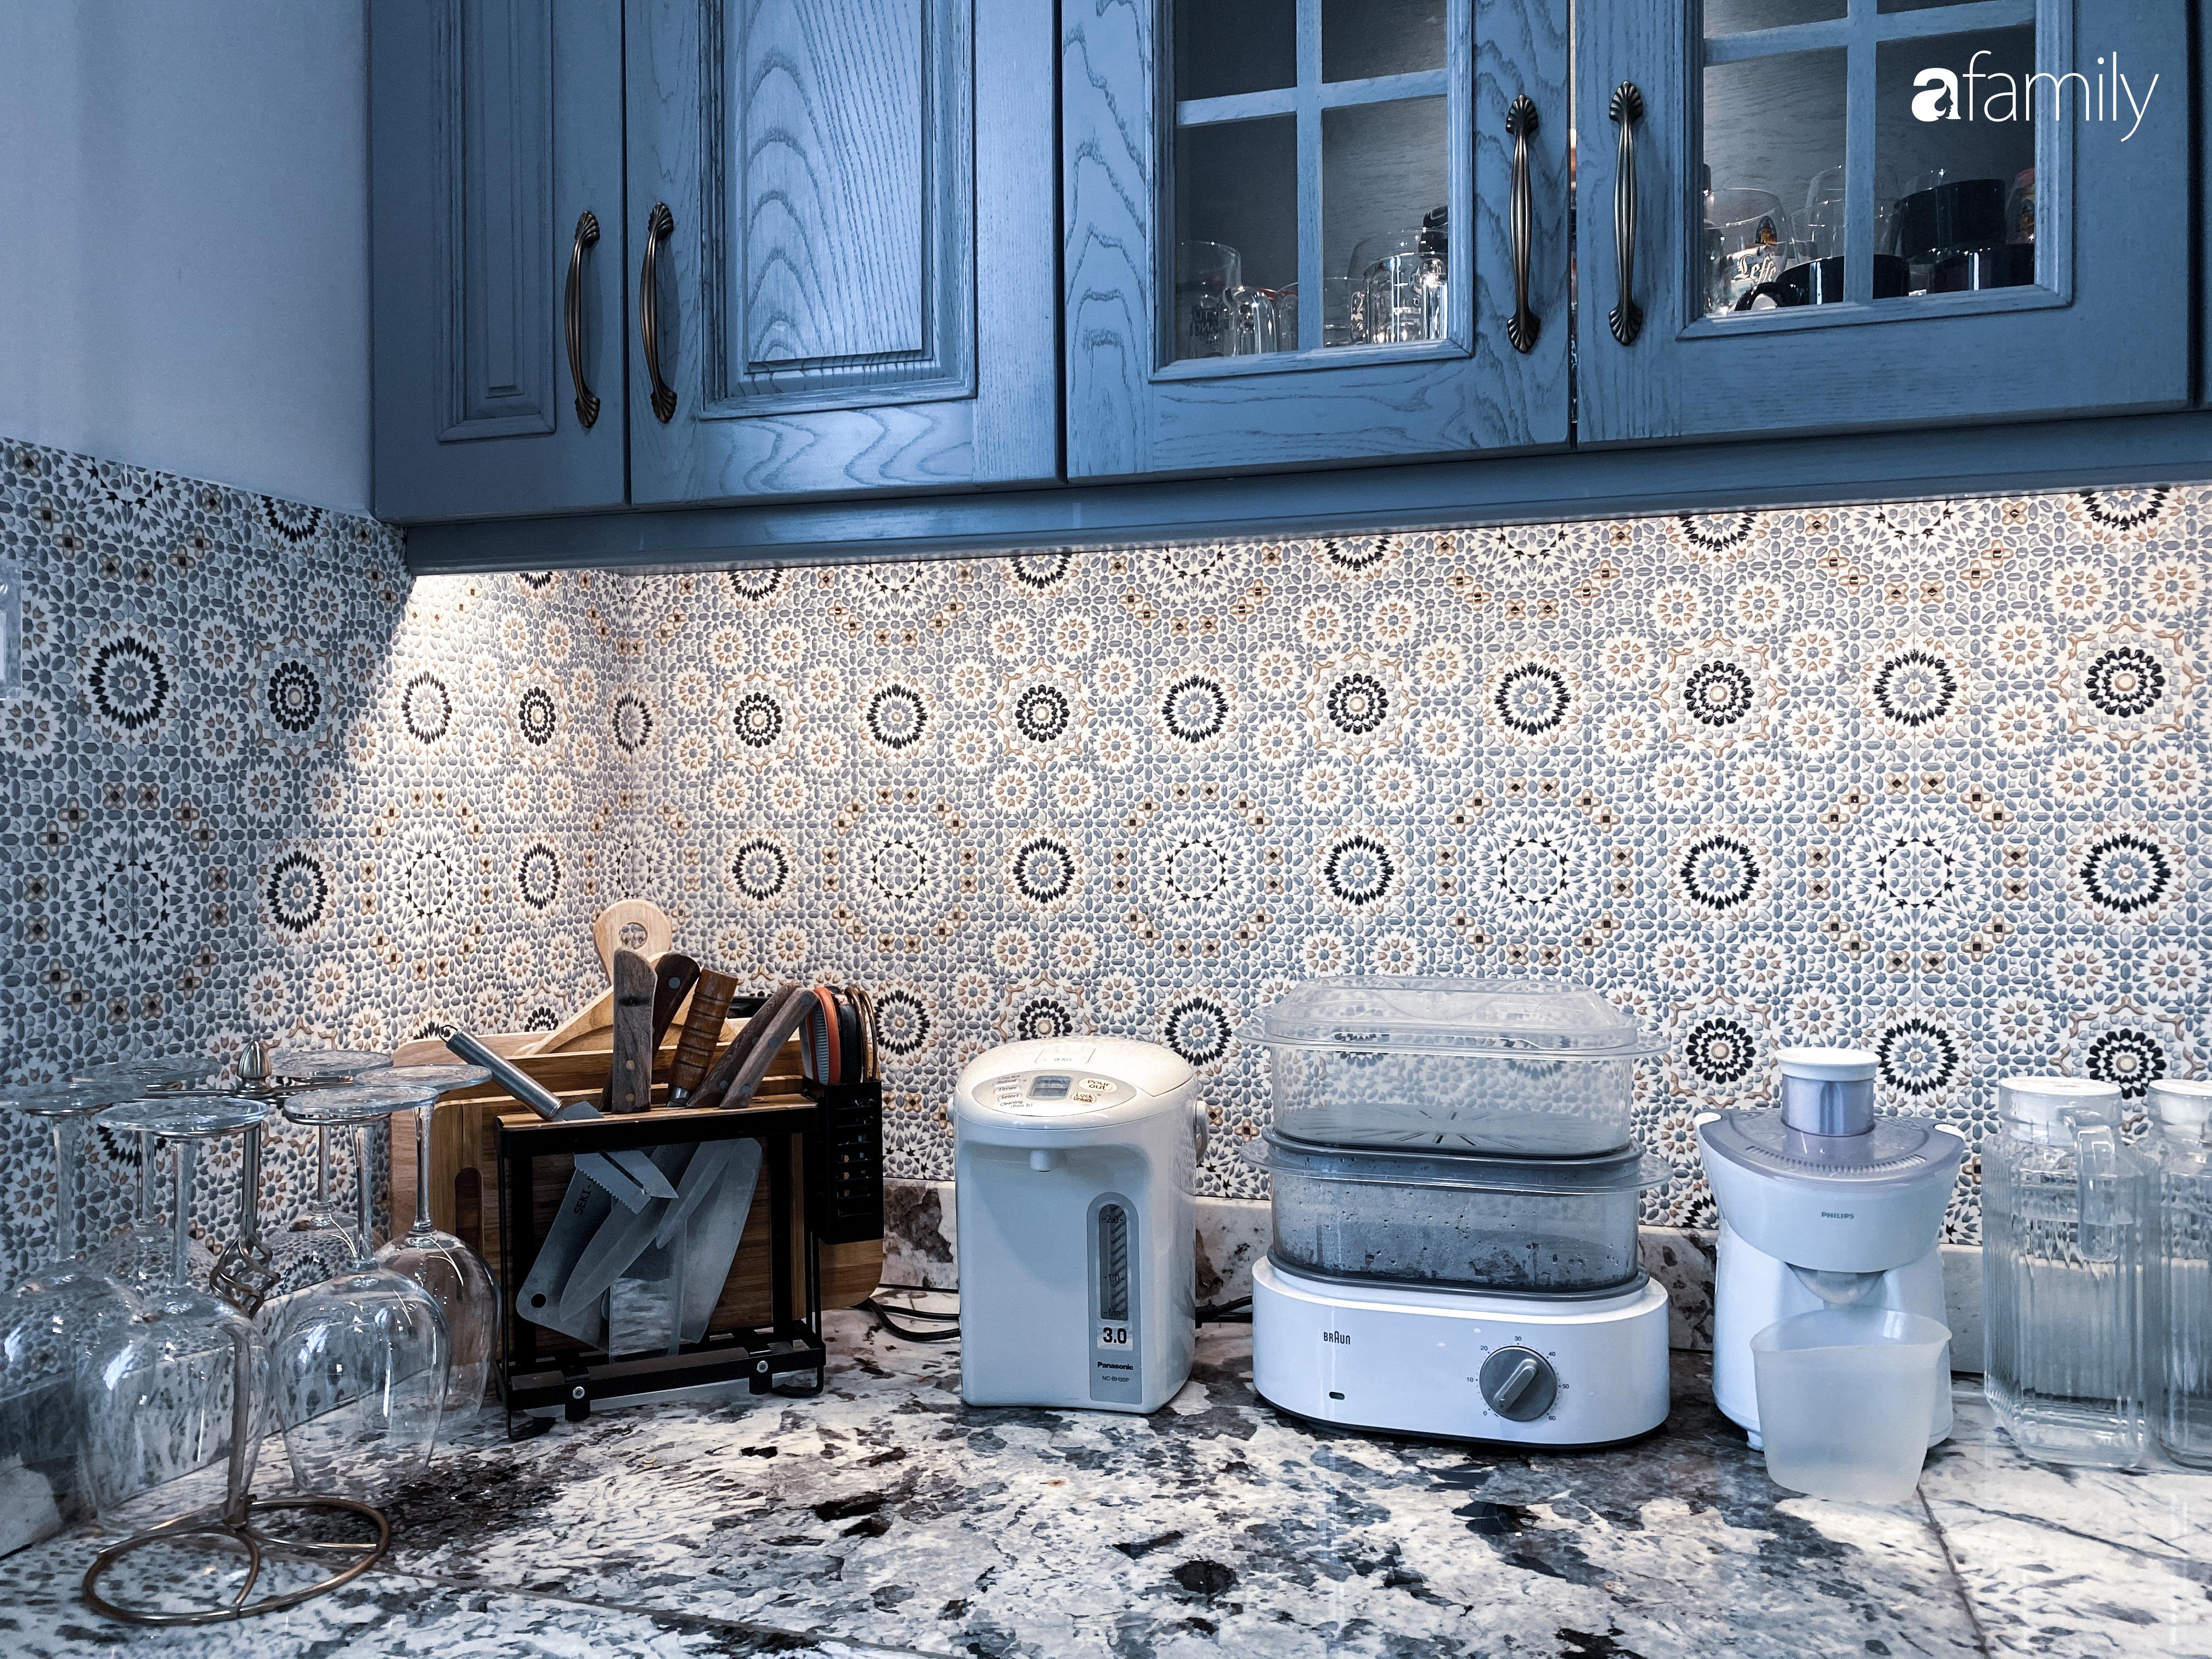 """""""Nghiện"""" sắm đồ bếp, hot mom Thủy Anh vợ Đăng Khôi tự decor không gian nấu nướng đẹp sang chảnh ngút ngàn - Ảnh 10."""